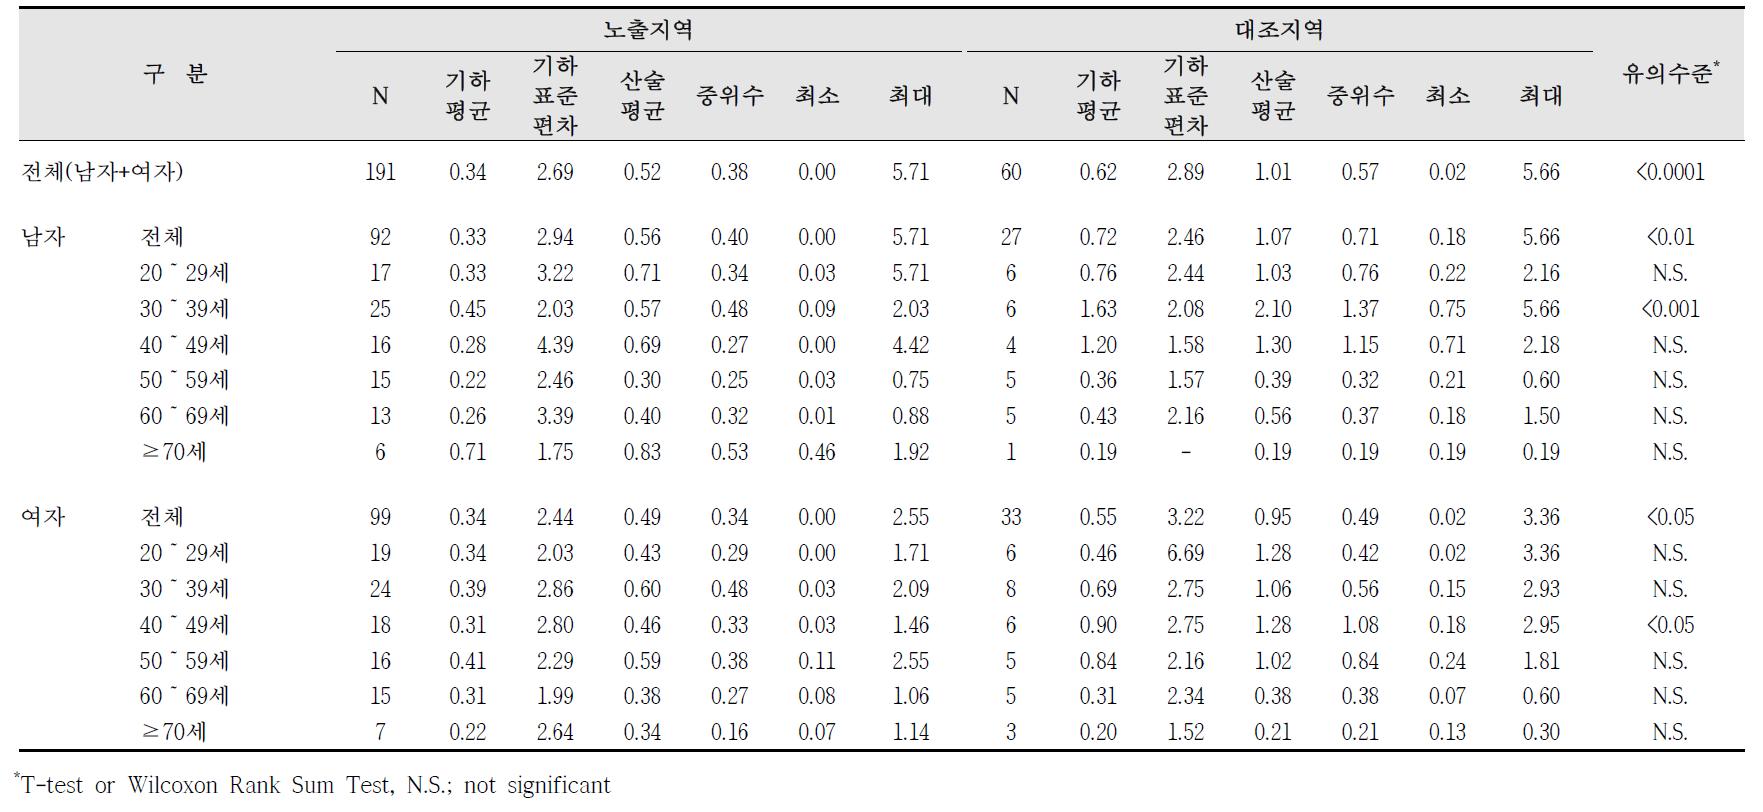 청주산업단지 요중 수은 농도 비교